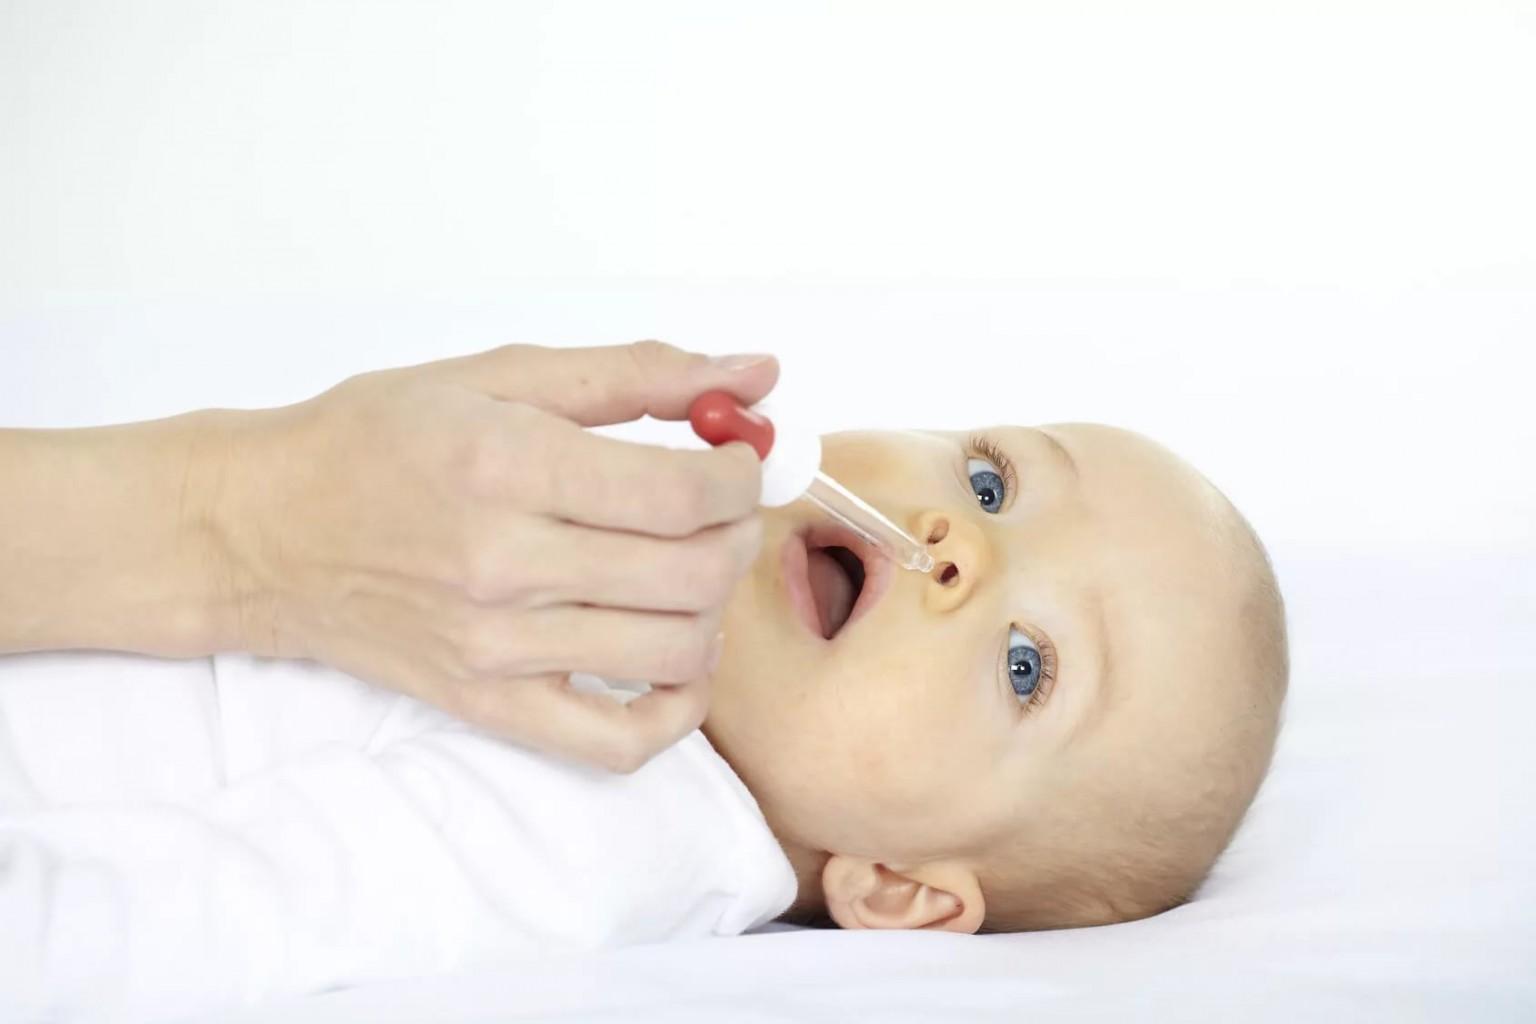 Насморк у грудничка и новорожденного ребенка: лечение, что делать, чтобы облегчить дыхание, симптомы и профилактика